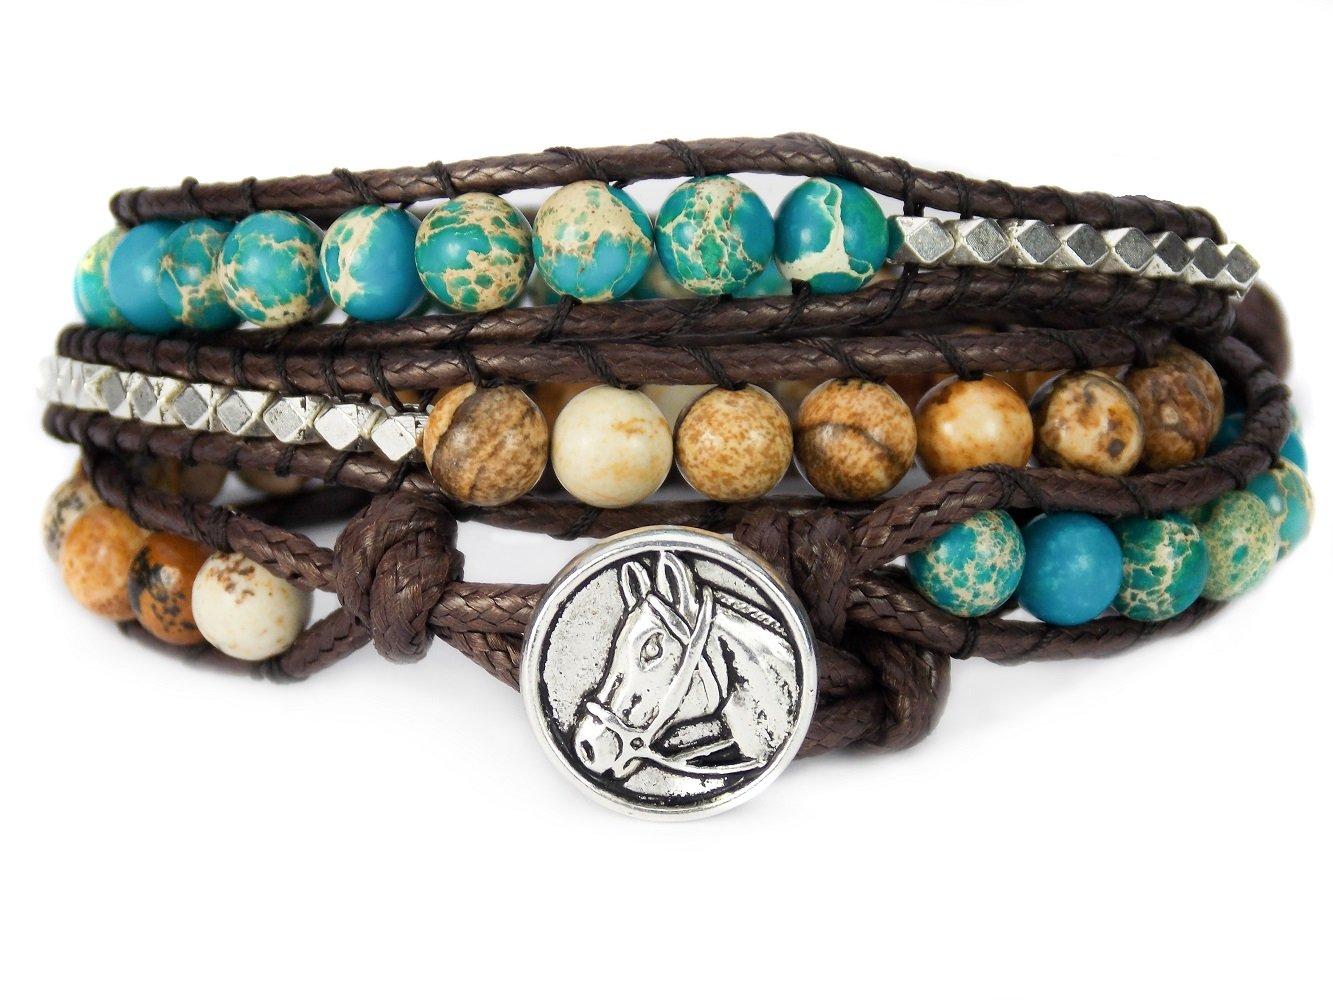 Horse Lovers Equestrian Bracelet Jasper Bead Wrap (Teal) by Carolyn Jane's Jewelry